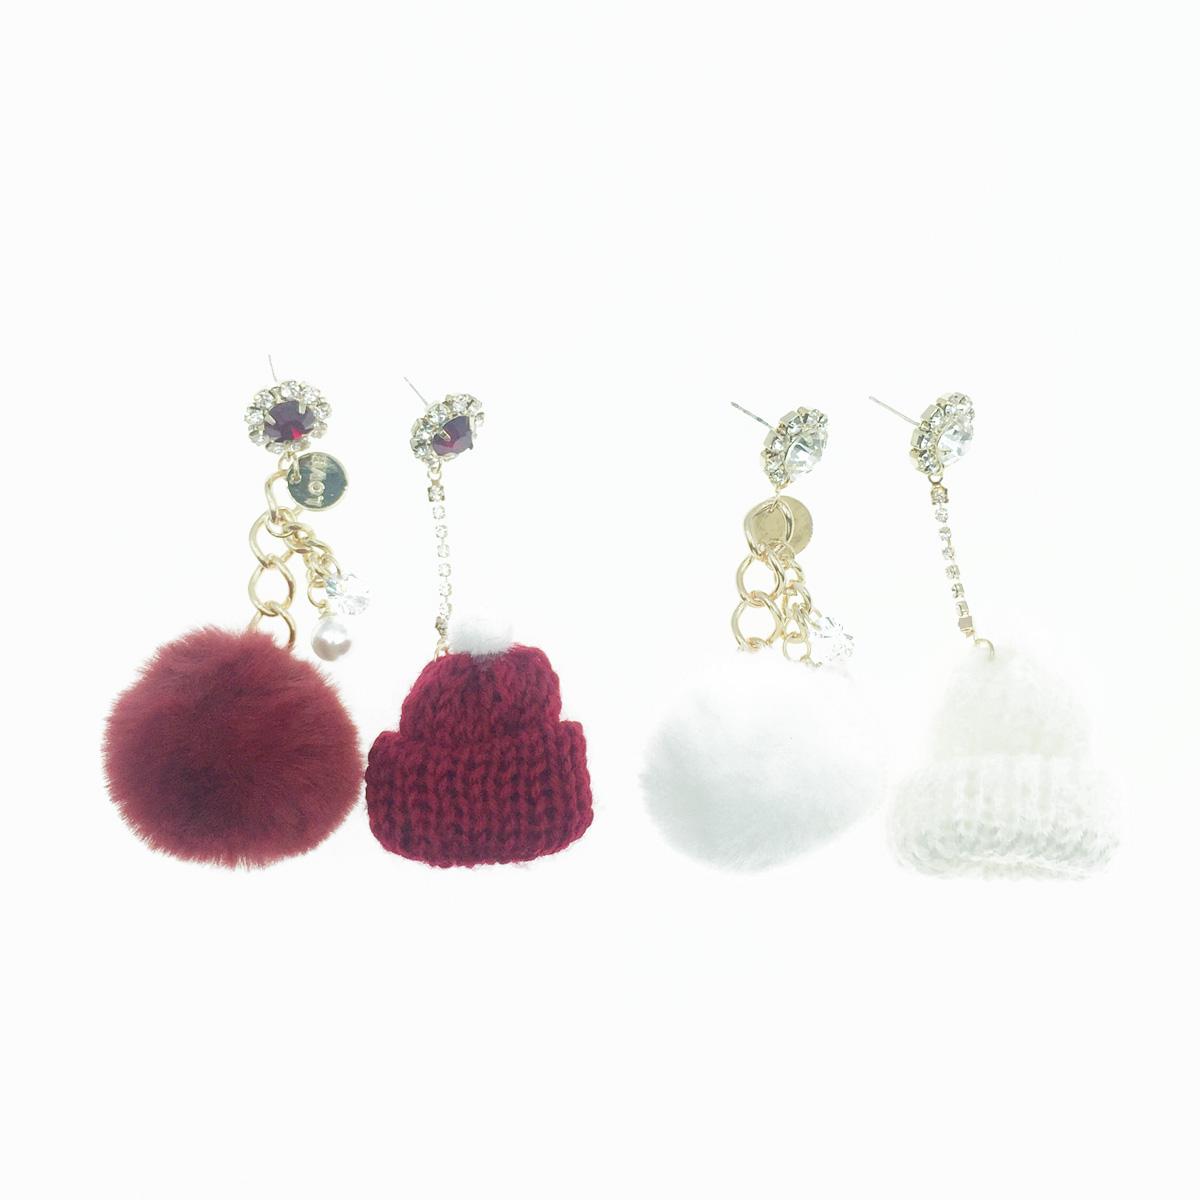 韓國 925純銀 水鑽 珍珠 不對稱 毛球 毛帽 2色 垂墜感 耳針式耳環